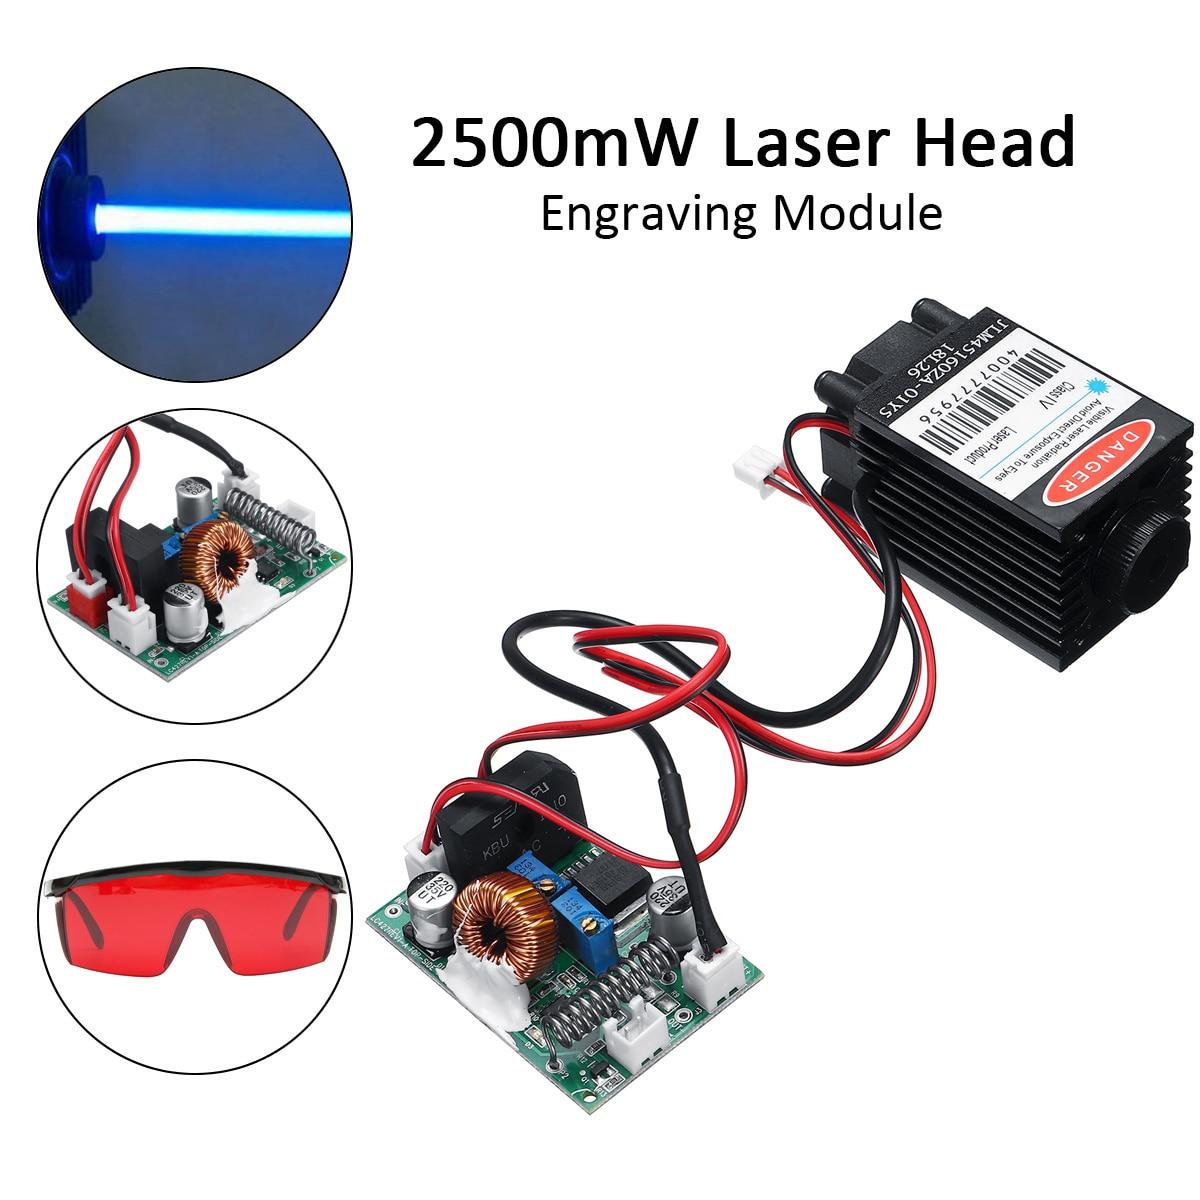 450nm 2500mW High Power Mit Schwerpunkt Blau Laser Modul TTL 12V DIY CNC Schneiden Laser Stecher Zubehör 2,5 W + brille